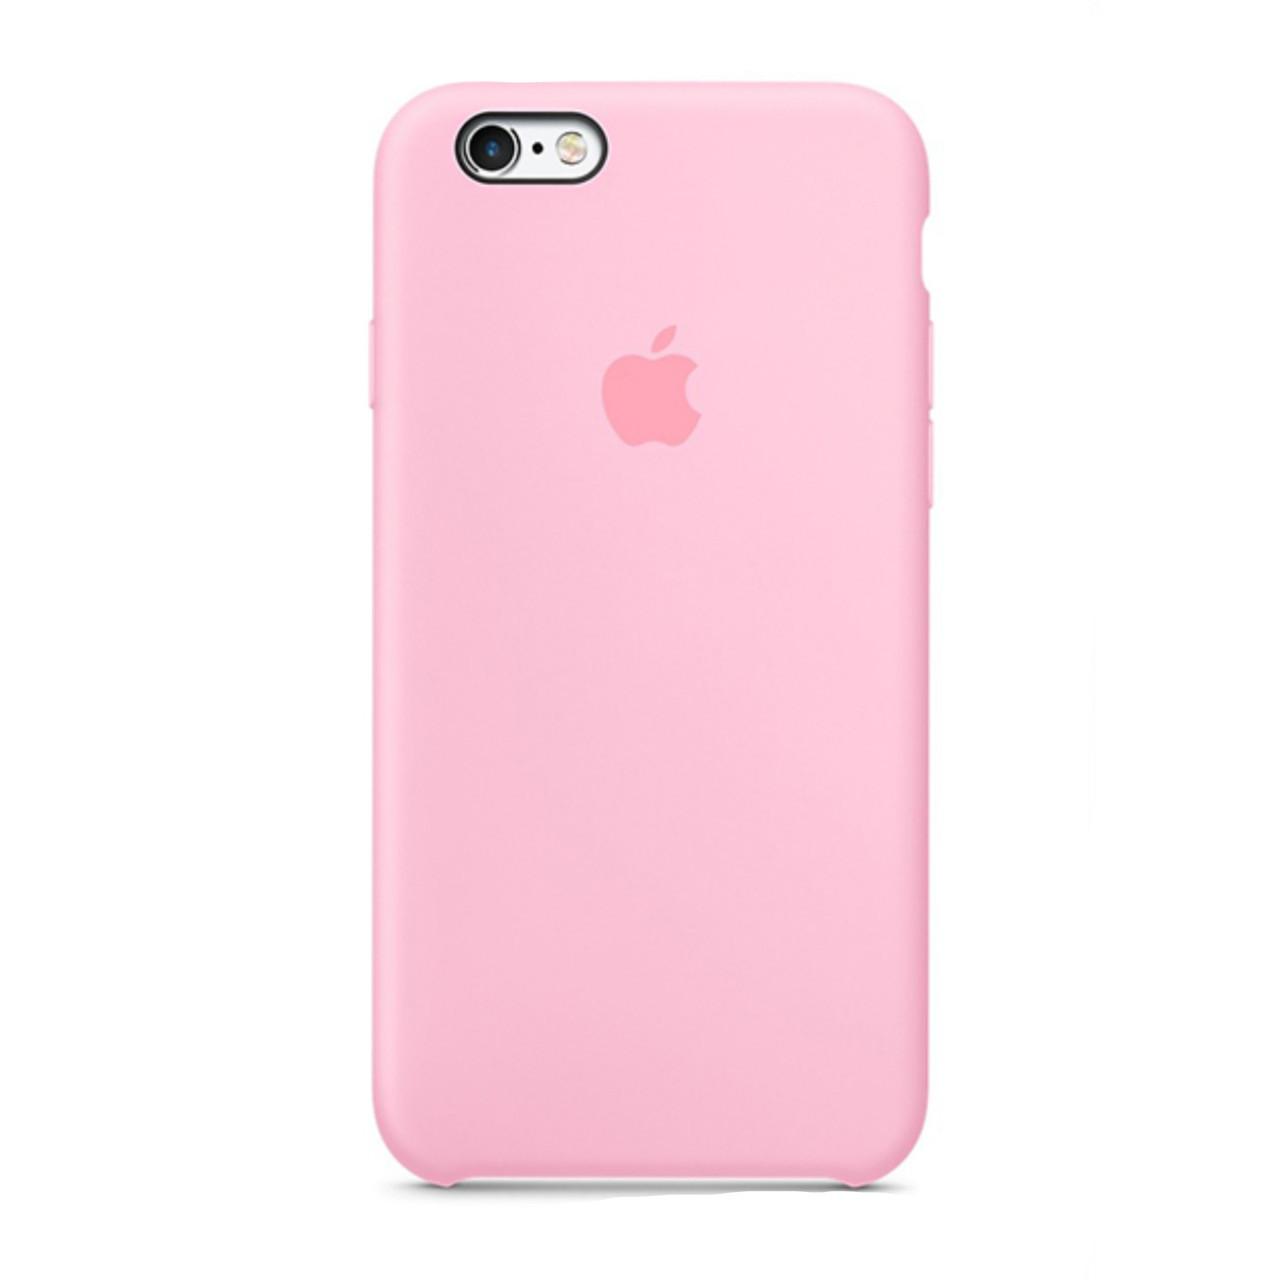 Оригинальный чехол   iPhone 6/6sSilicone case, pink